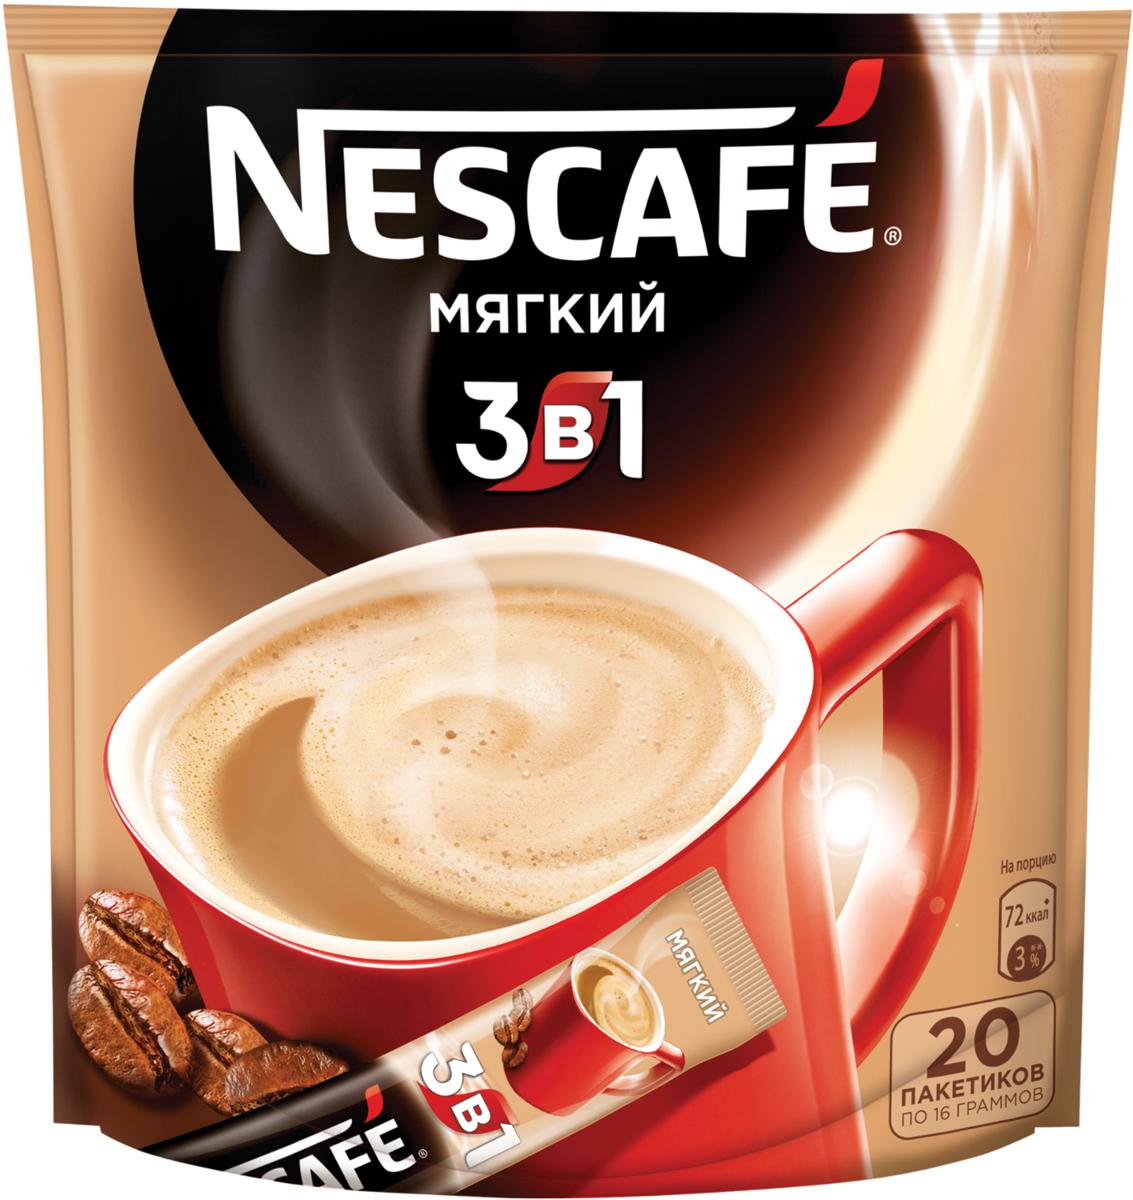 Nescafe 3 в 1 Мягкий кофе растворимый, 20 шт nescafe gold 100